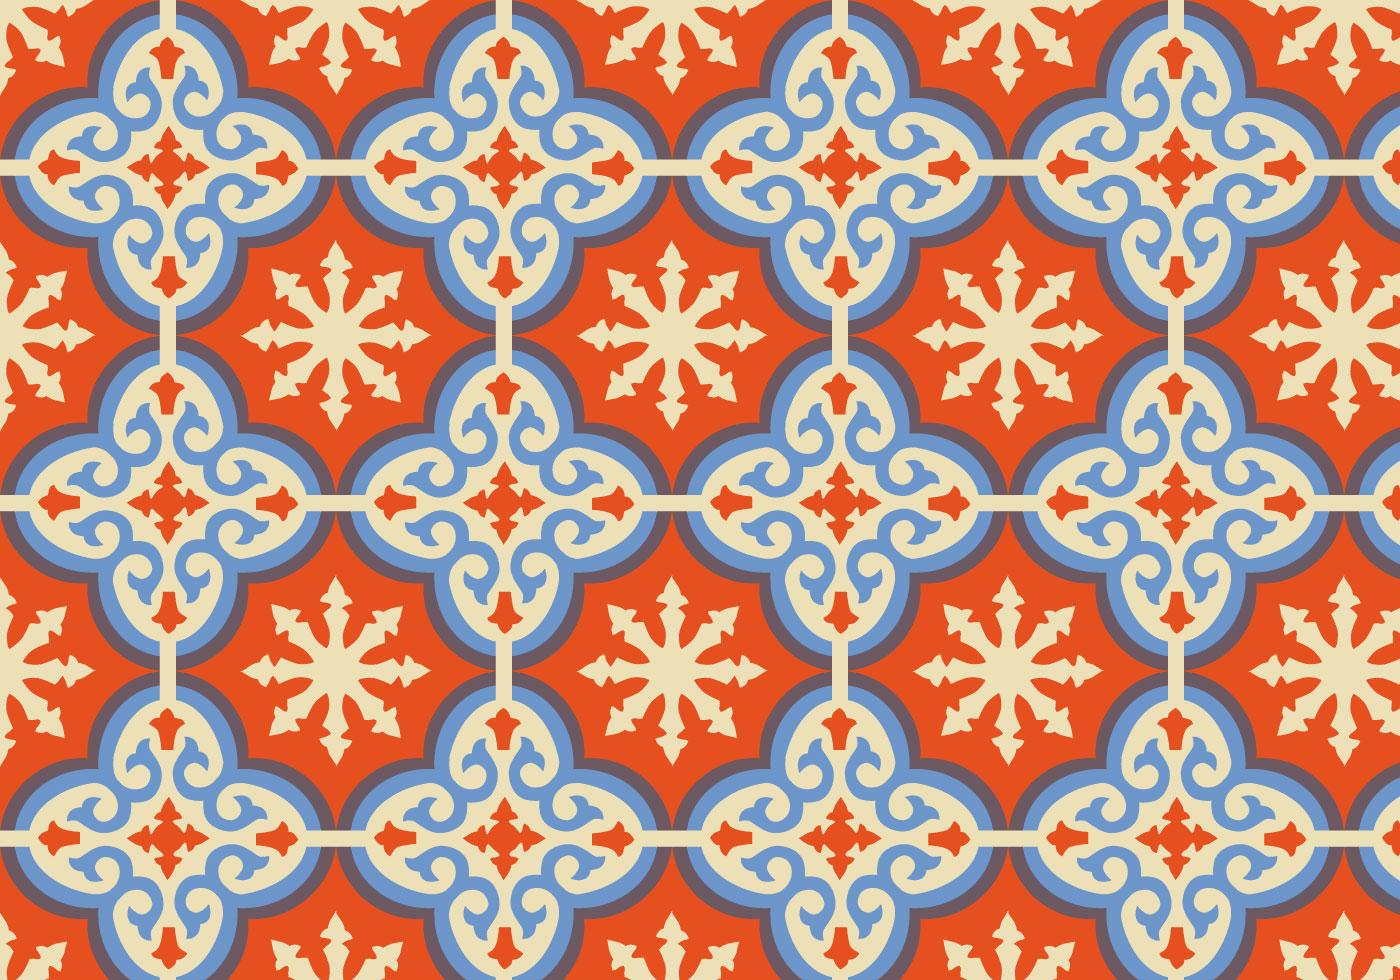 Http Www Vecteezy Com Vector Art 104142 Orange Moroccan Pattern Background Vector